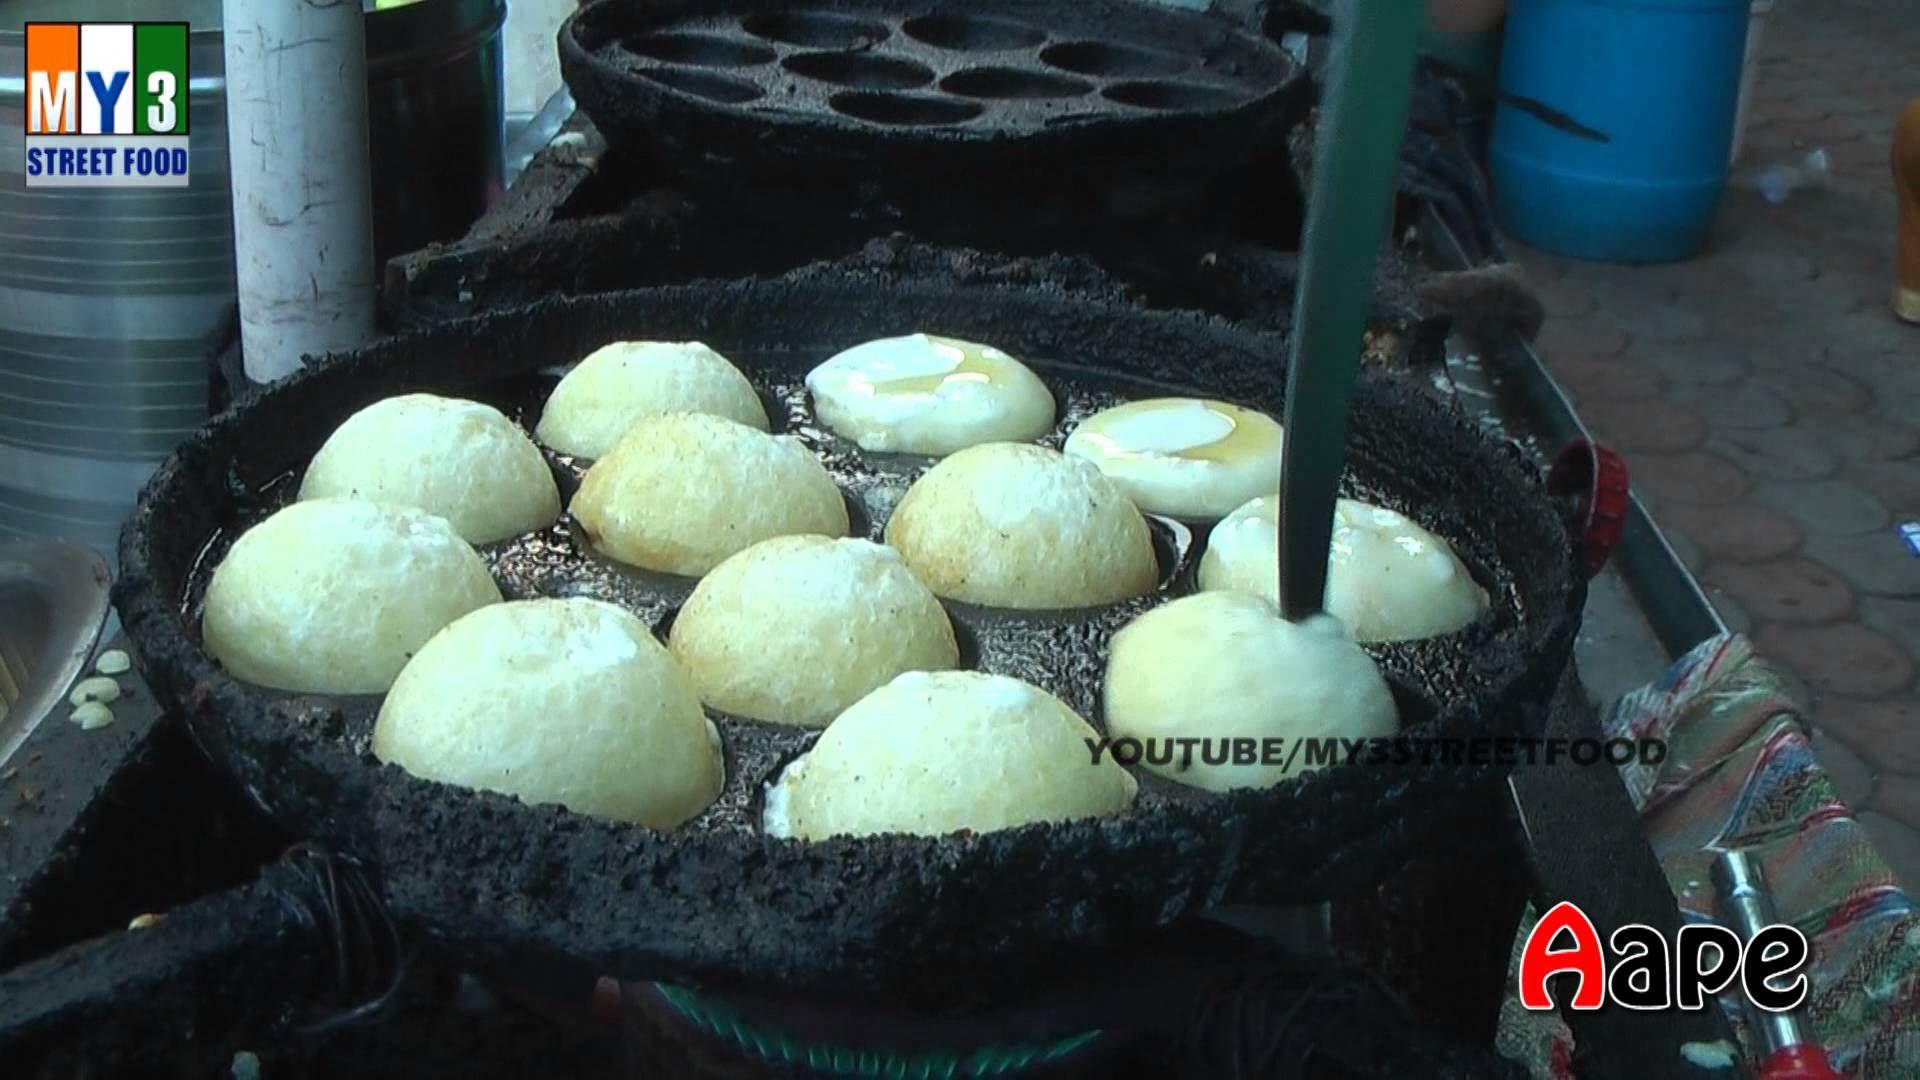 Aape kolhapuri street food world street food seafood recipes aape kolhapuri street food world street food forumfinder Image collections